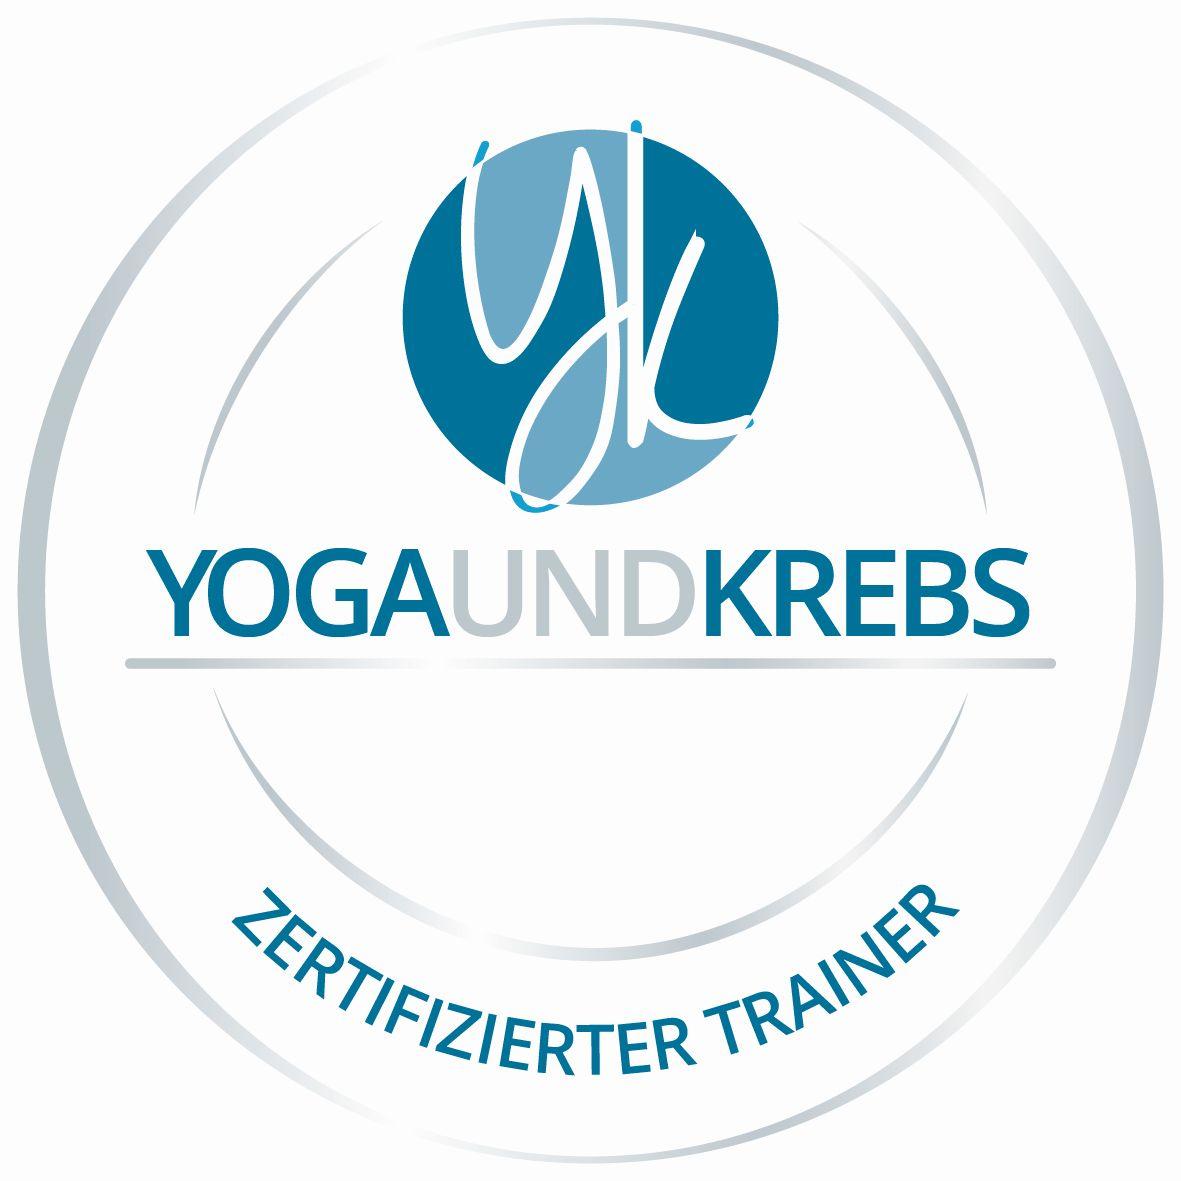 Ich möchte dich ermutigen, Yoga – begleitend zu deiner jetzigen Therapie – auszuprobieren. Yoga ist kein Heilmittel, kann dich aber auf deinem Weg zur Heilung wirkungsvoll unterstützen!